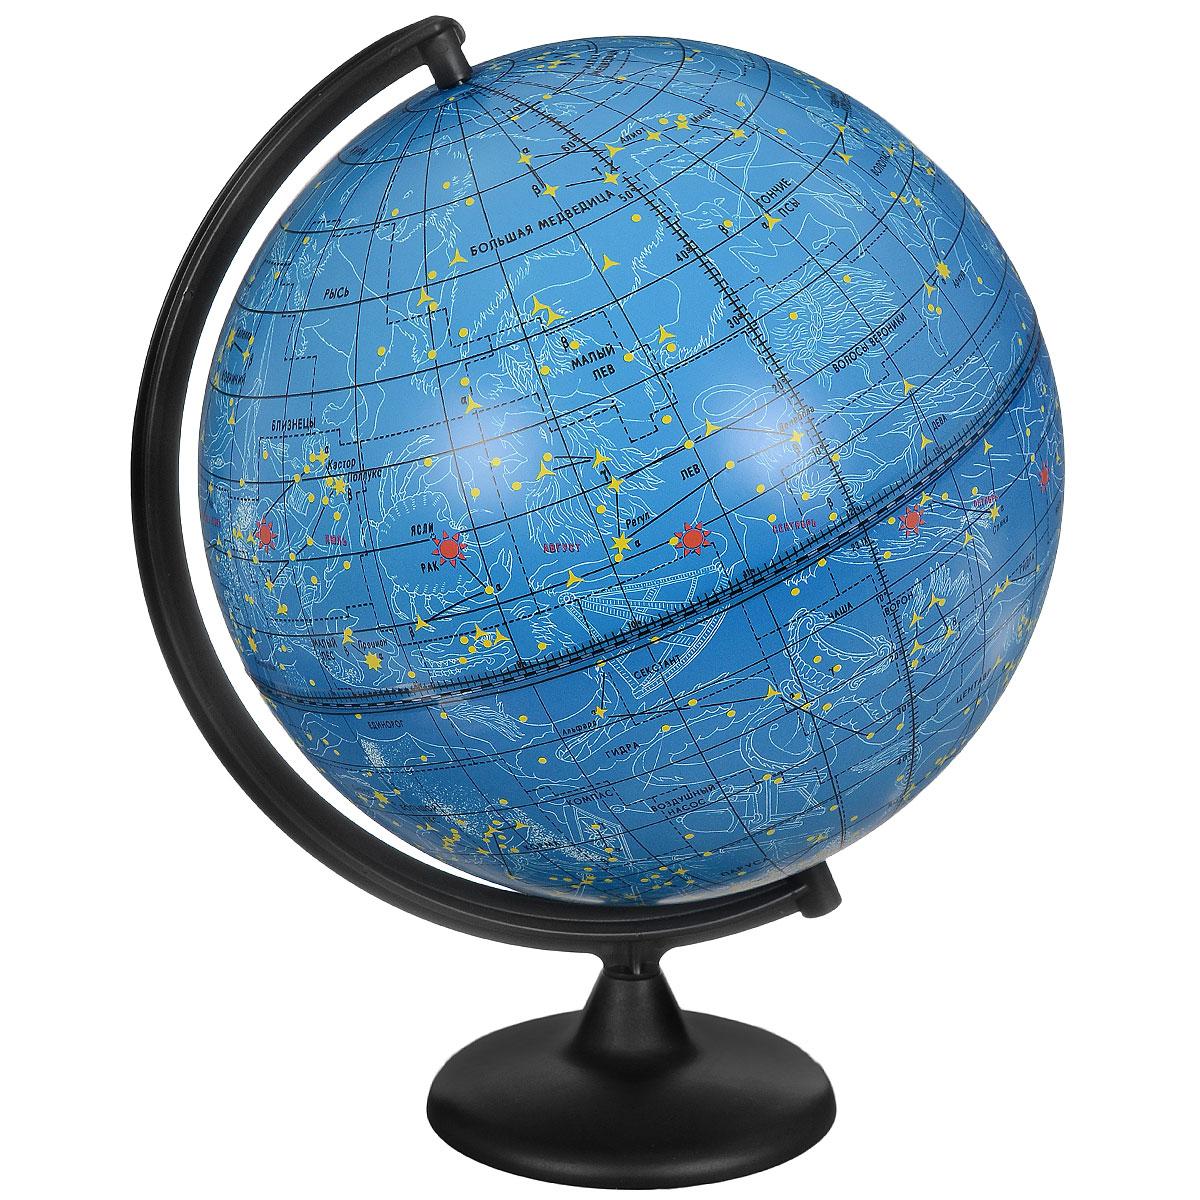 Глобус звездного неба Глобусный мир изготовлен из высококачественного прочного пластика.Данная модель предназначена для ознакомления с космосом, звездами и созвездиями. На нем нанесены те же круги, что и на картах звездного неба, - небесные параллели, меридианы, экватор и эклиптика.Такой глобус станет прекрасным подарком и учебным материалом для дальнейшего изучения астрономии. Помимо этого, глобус обладает приятной цветовой гаммой. Изделие расположено на прочной подставке.  Настольный глобус звездного неба Глобусный мир станет оригинальным украшением рабочего стола или вашего кабинета. Это изысканная вещь для стильного интерьера, которая станет прекрасным подарком для современного преуспевающего человека, следующего последним тенденциям моды и стремящегося к элегантности и комфорту в каждой детали. Масштаб: 1:40000000.